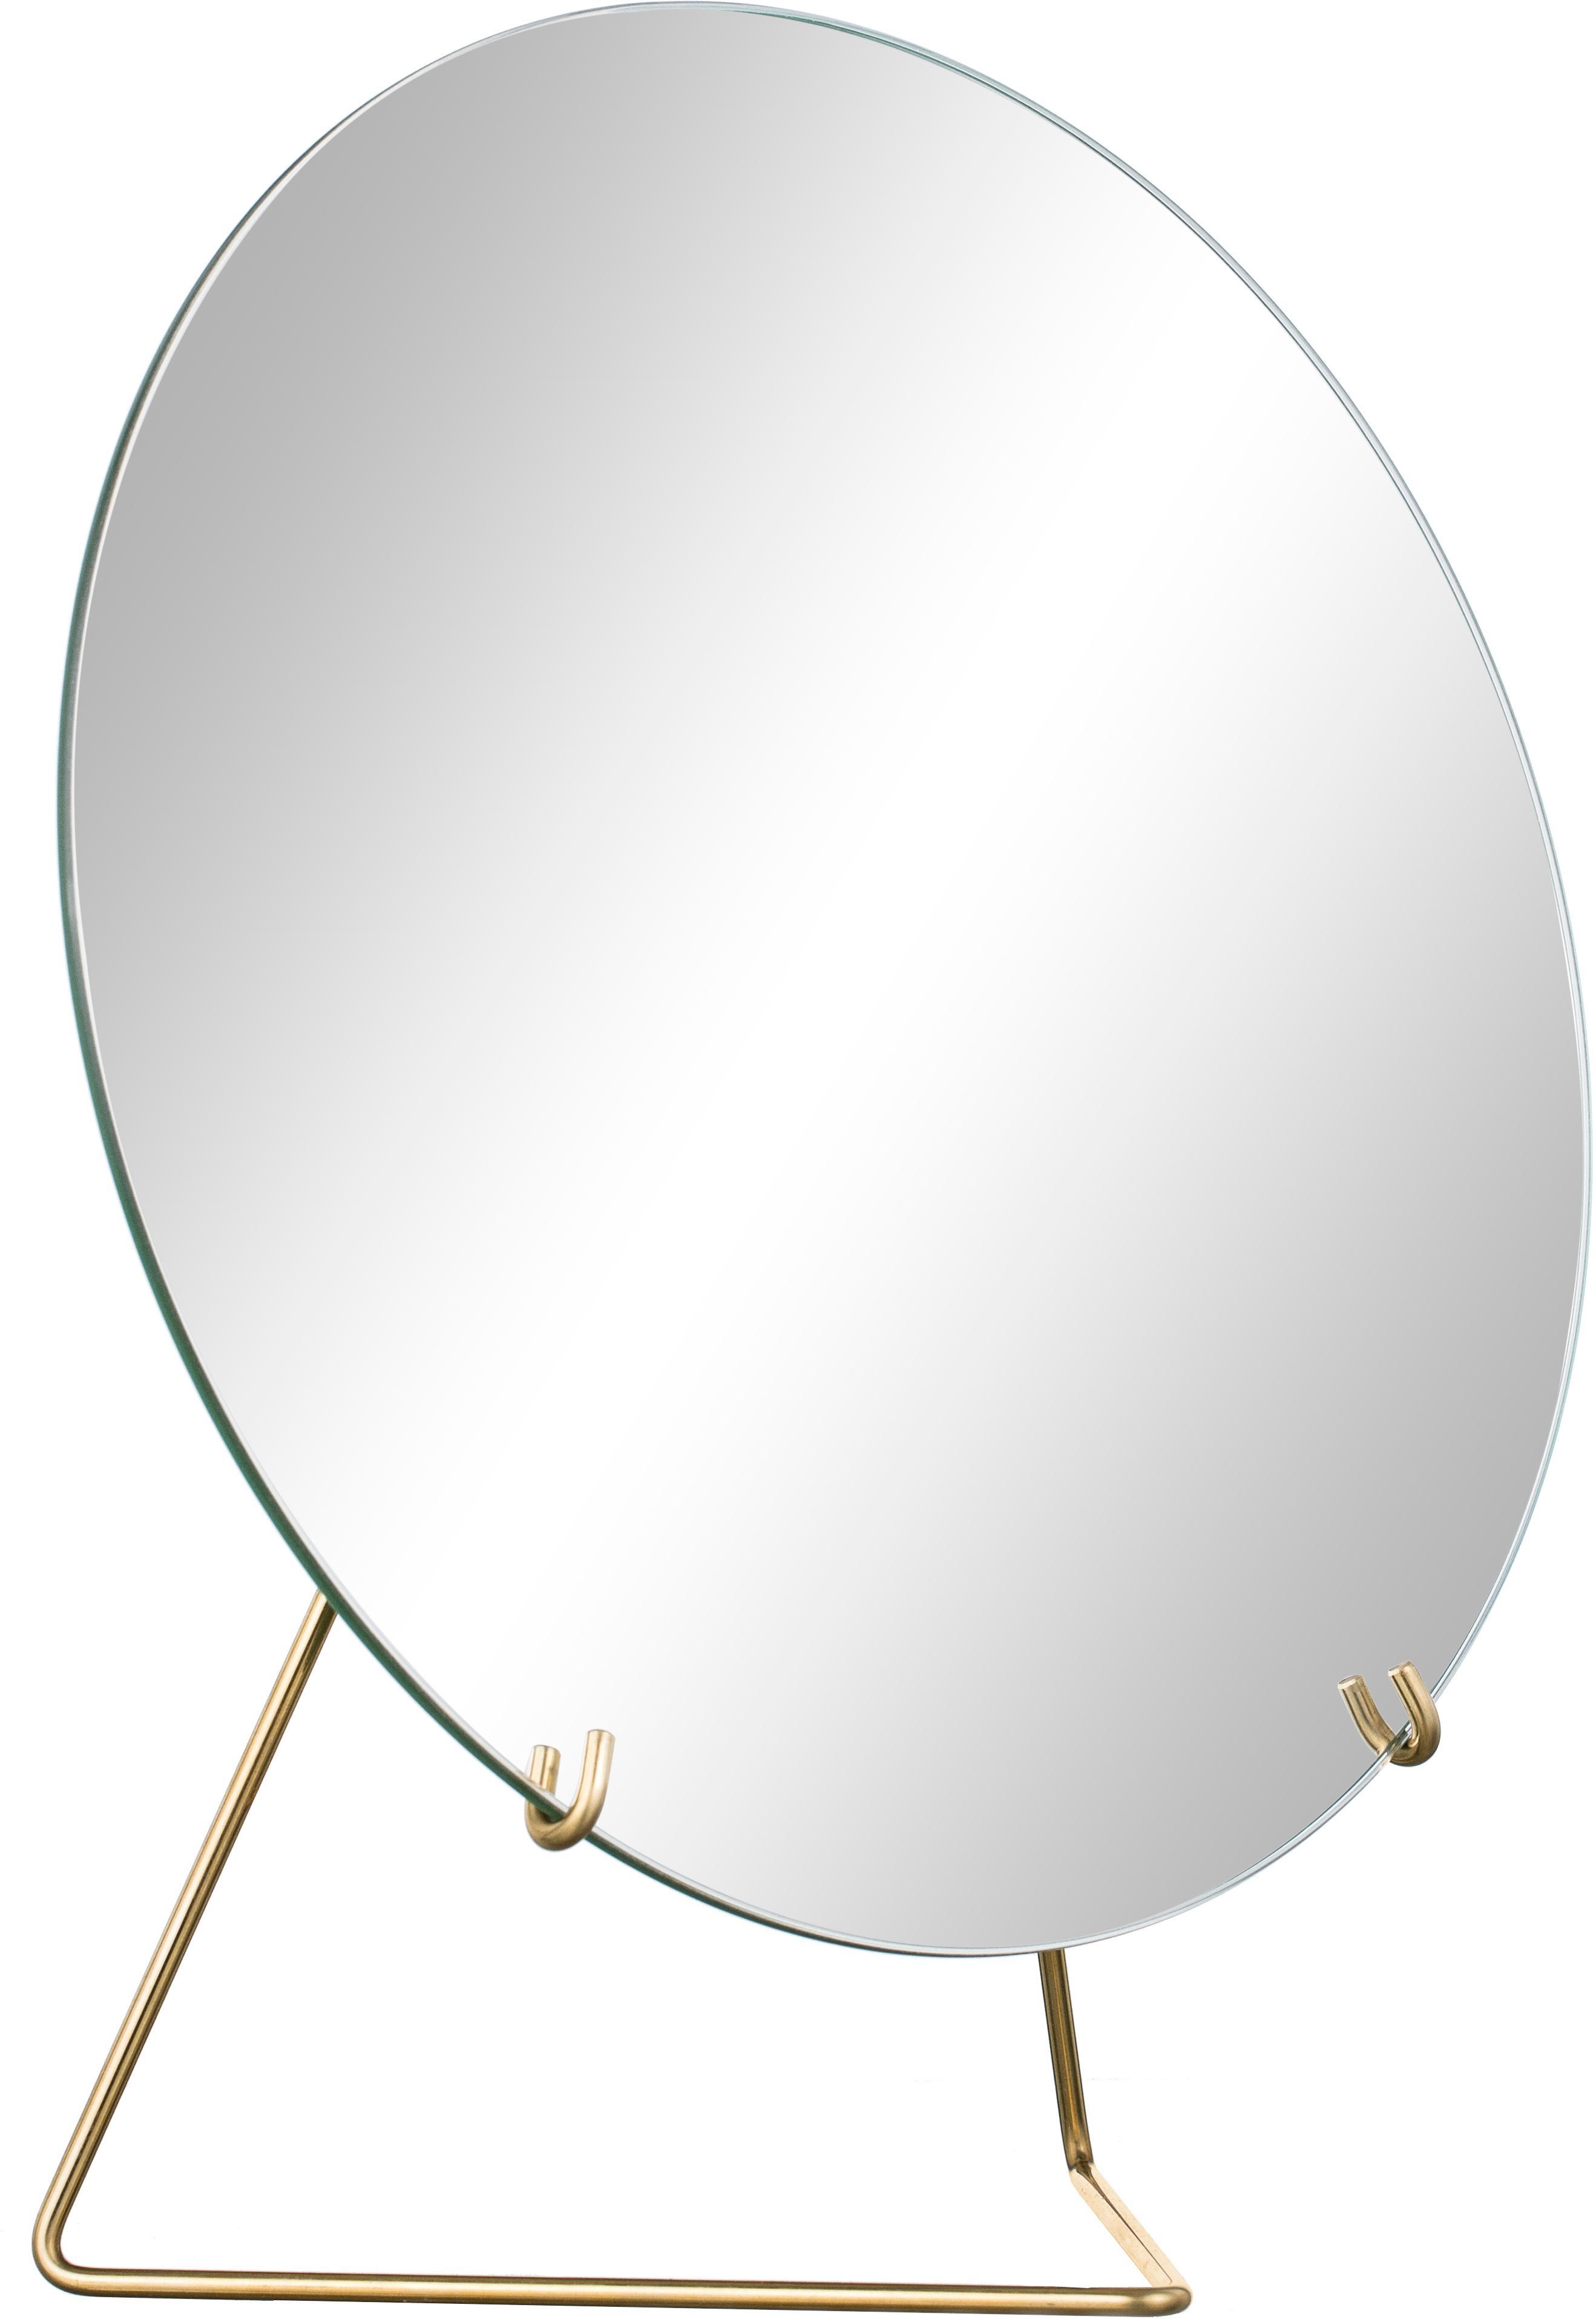 Specchio cosmetico Standing Mirror, Sospensione: ottone Specchio: lastra di vetro, Larg. 20 x Alt. 23 cm